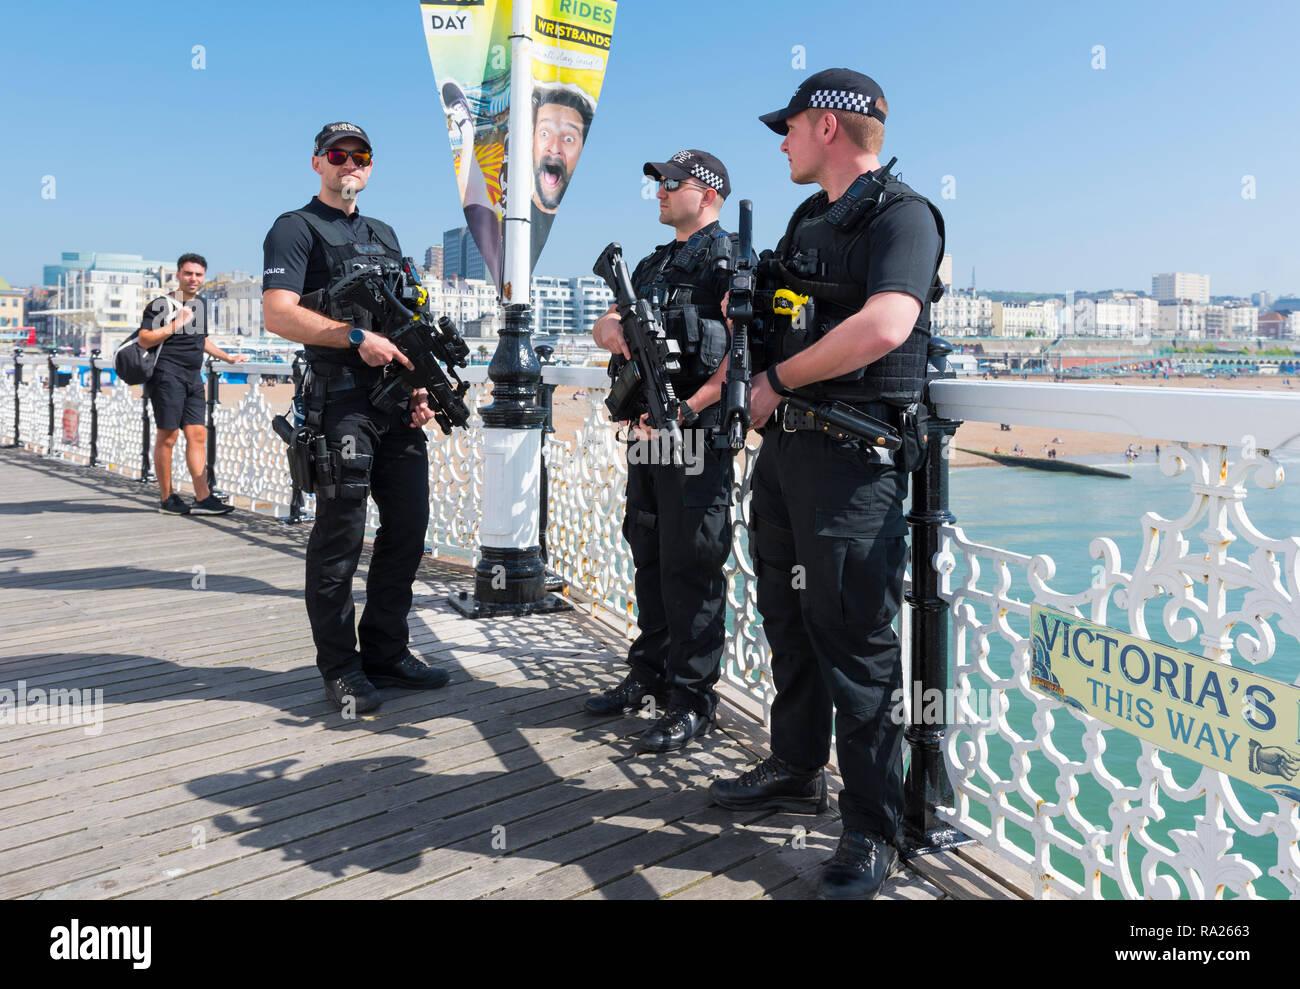 Bewaffnete Polizisten patrouillieren Brighton Pier im Frühjahr in Großbritannien. Britische Polizei mit Schusswaffen am Meer. Polizei hinter Gewehren, Großbritannien. Stockbild